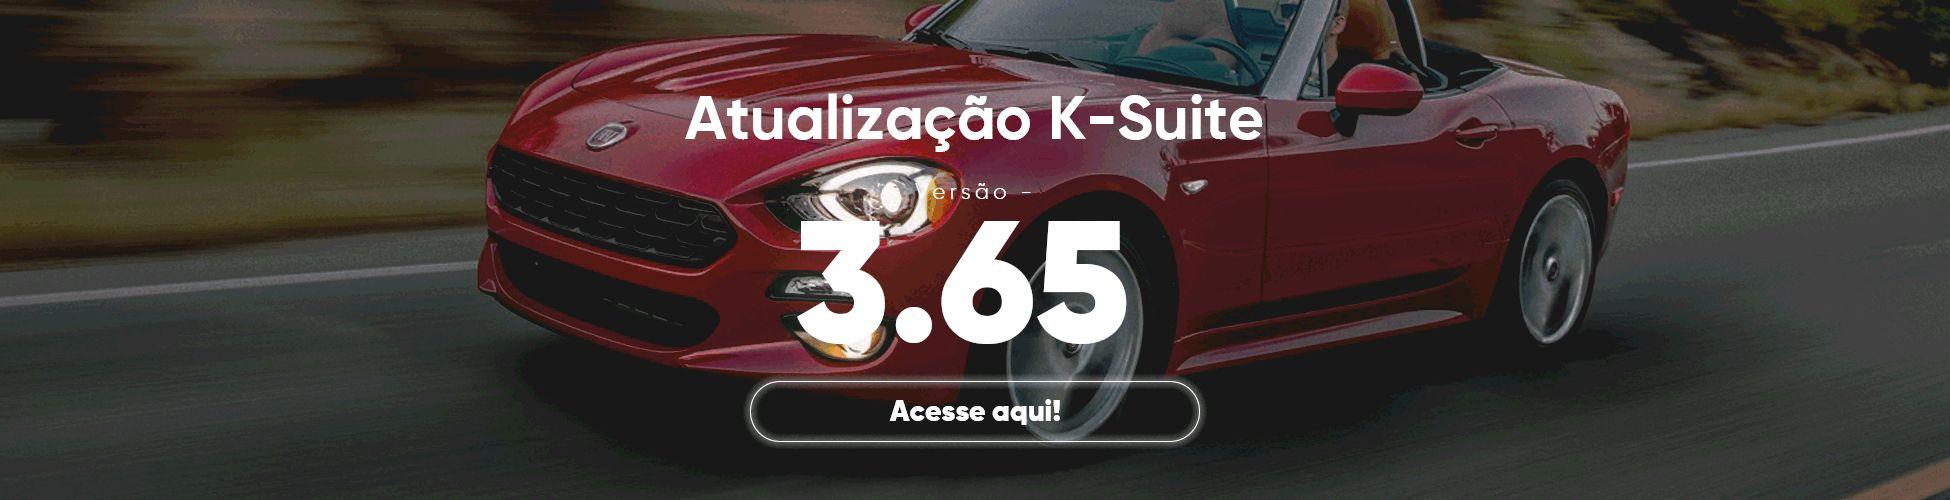 Atualização K-Suite 3.65